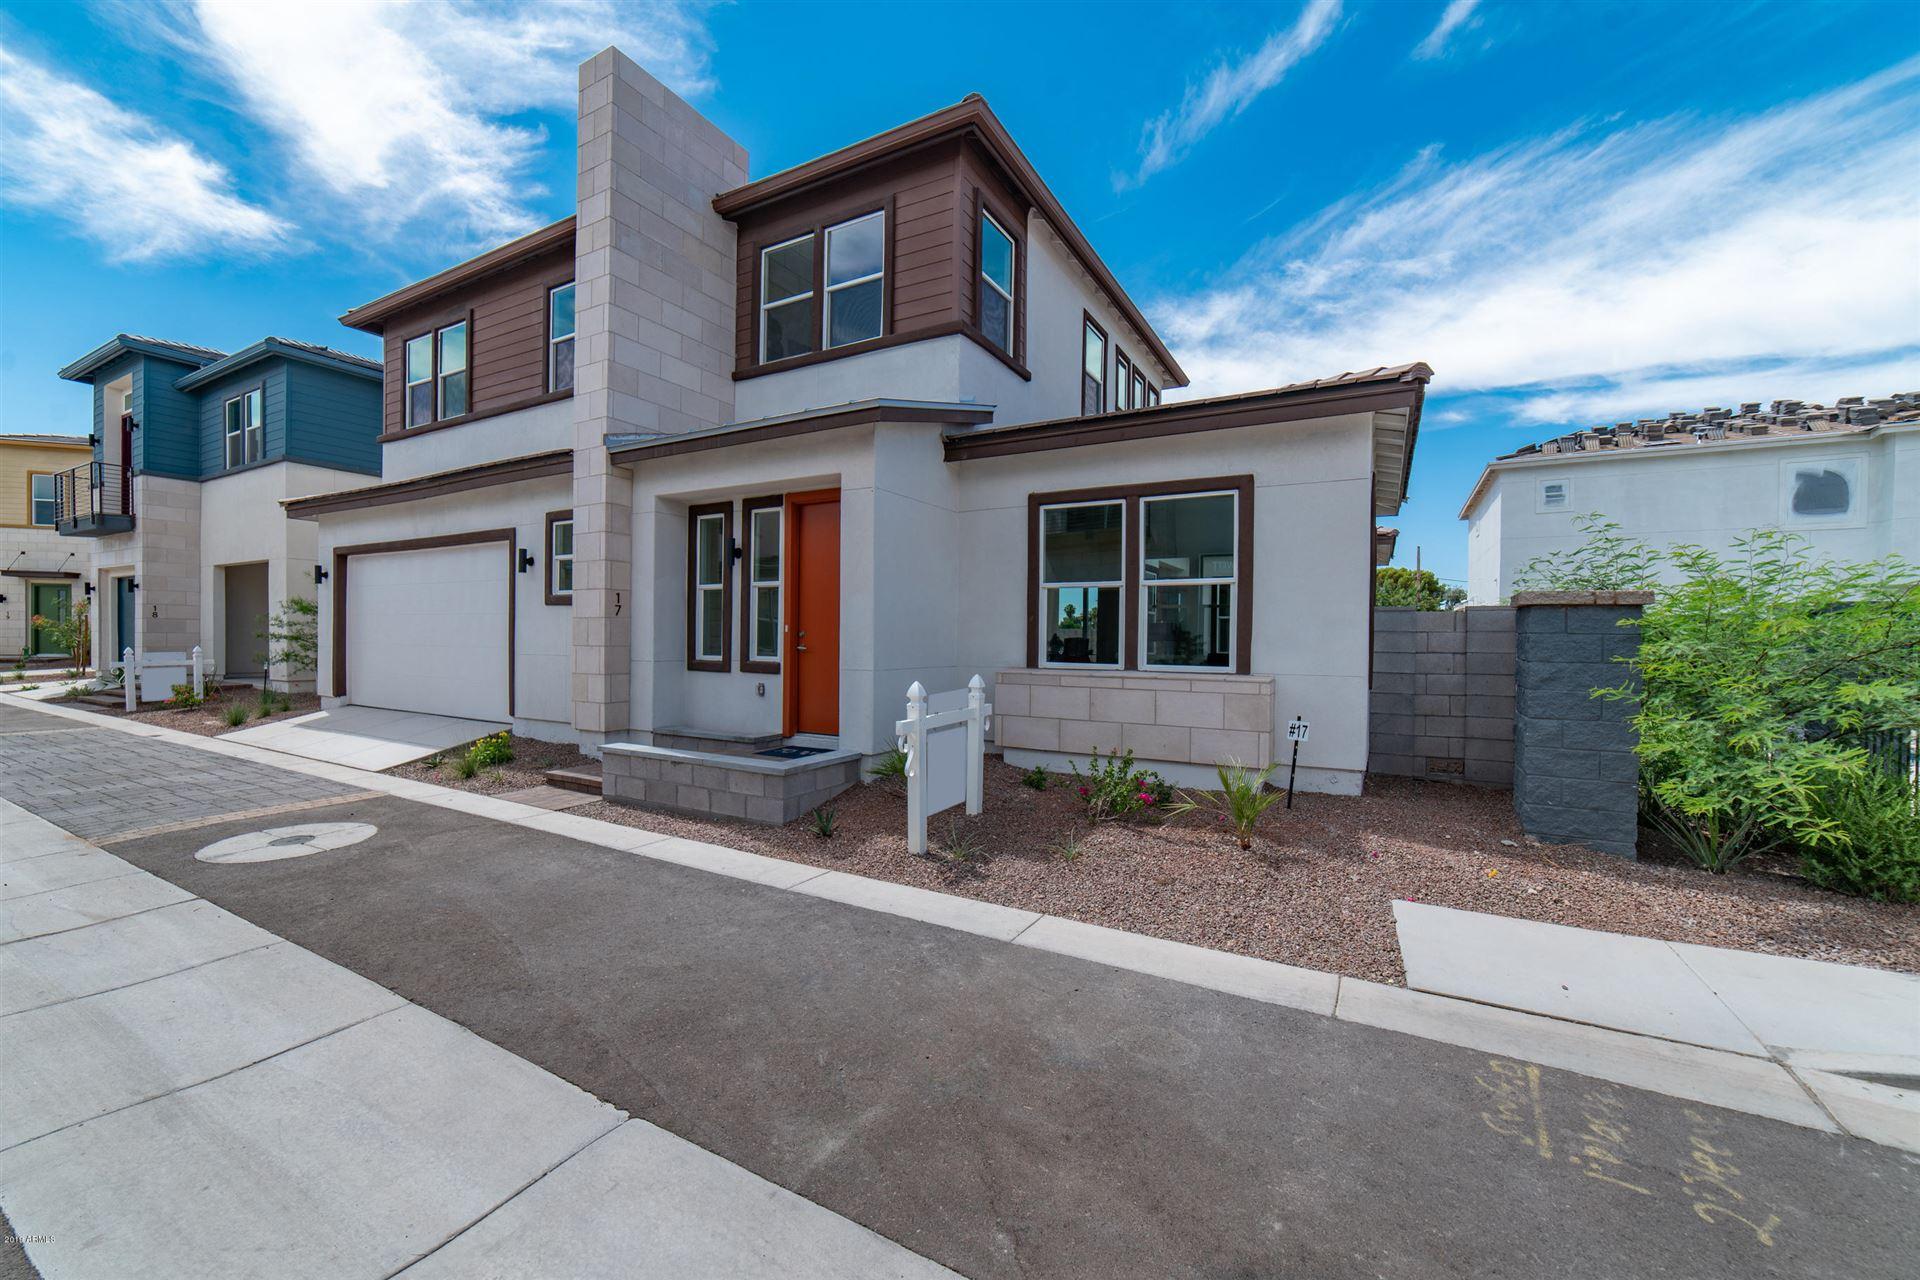 1555 E OCOTILLO Road #14, Phoenix, AZ 85014 - MLS#: 6085016